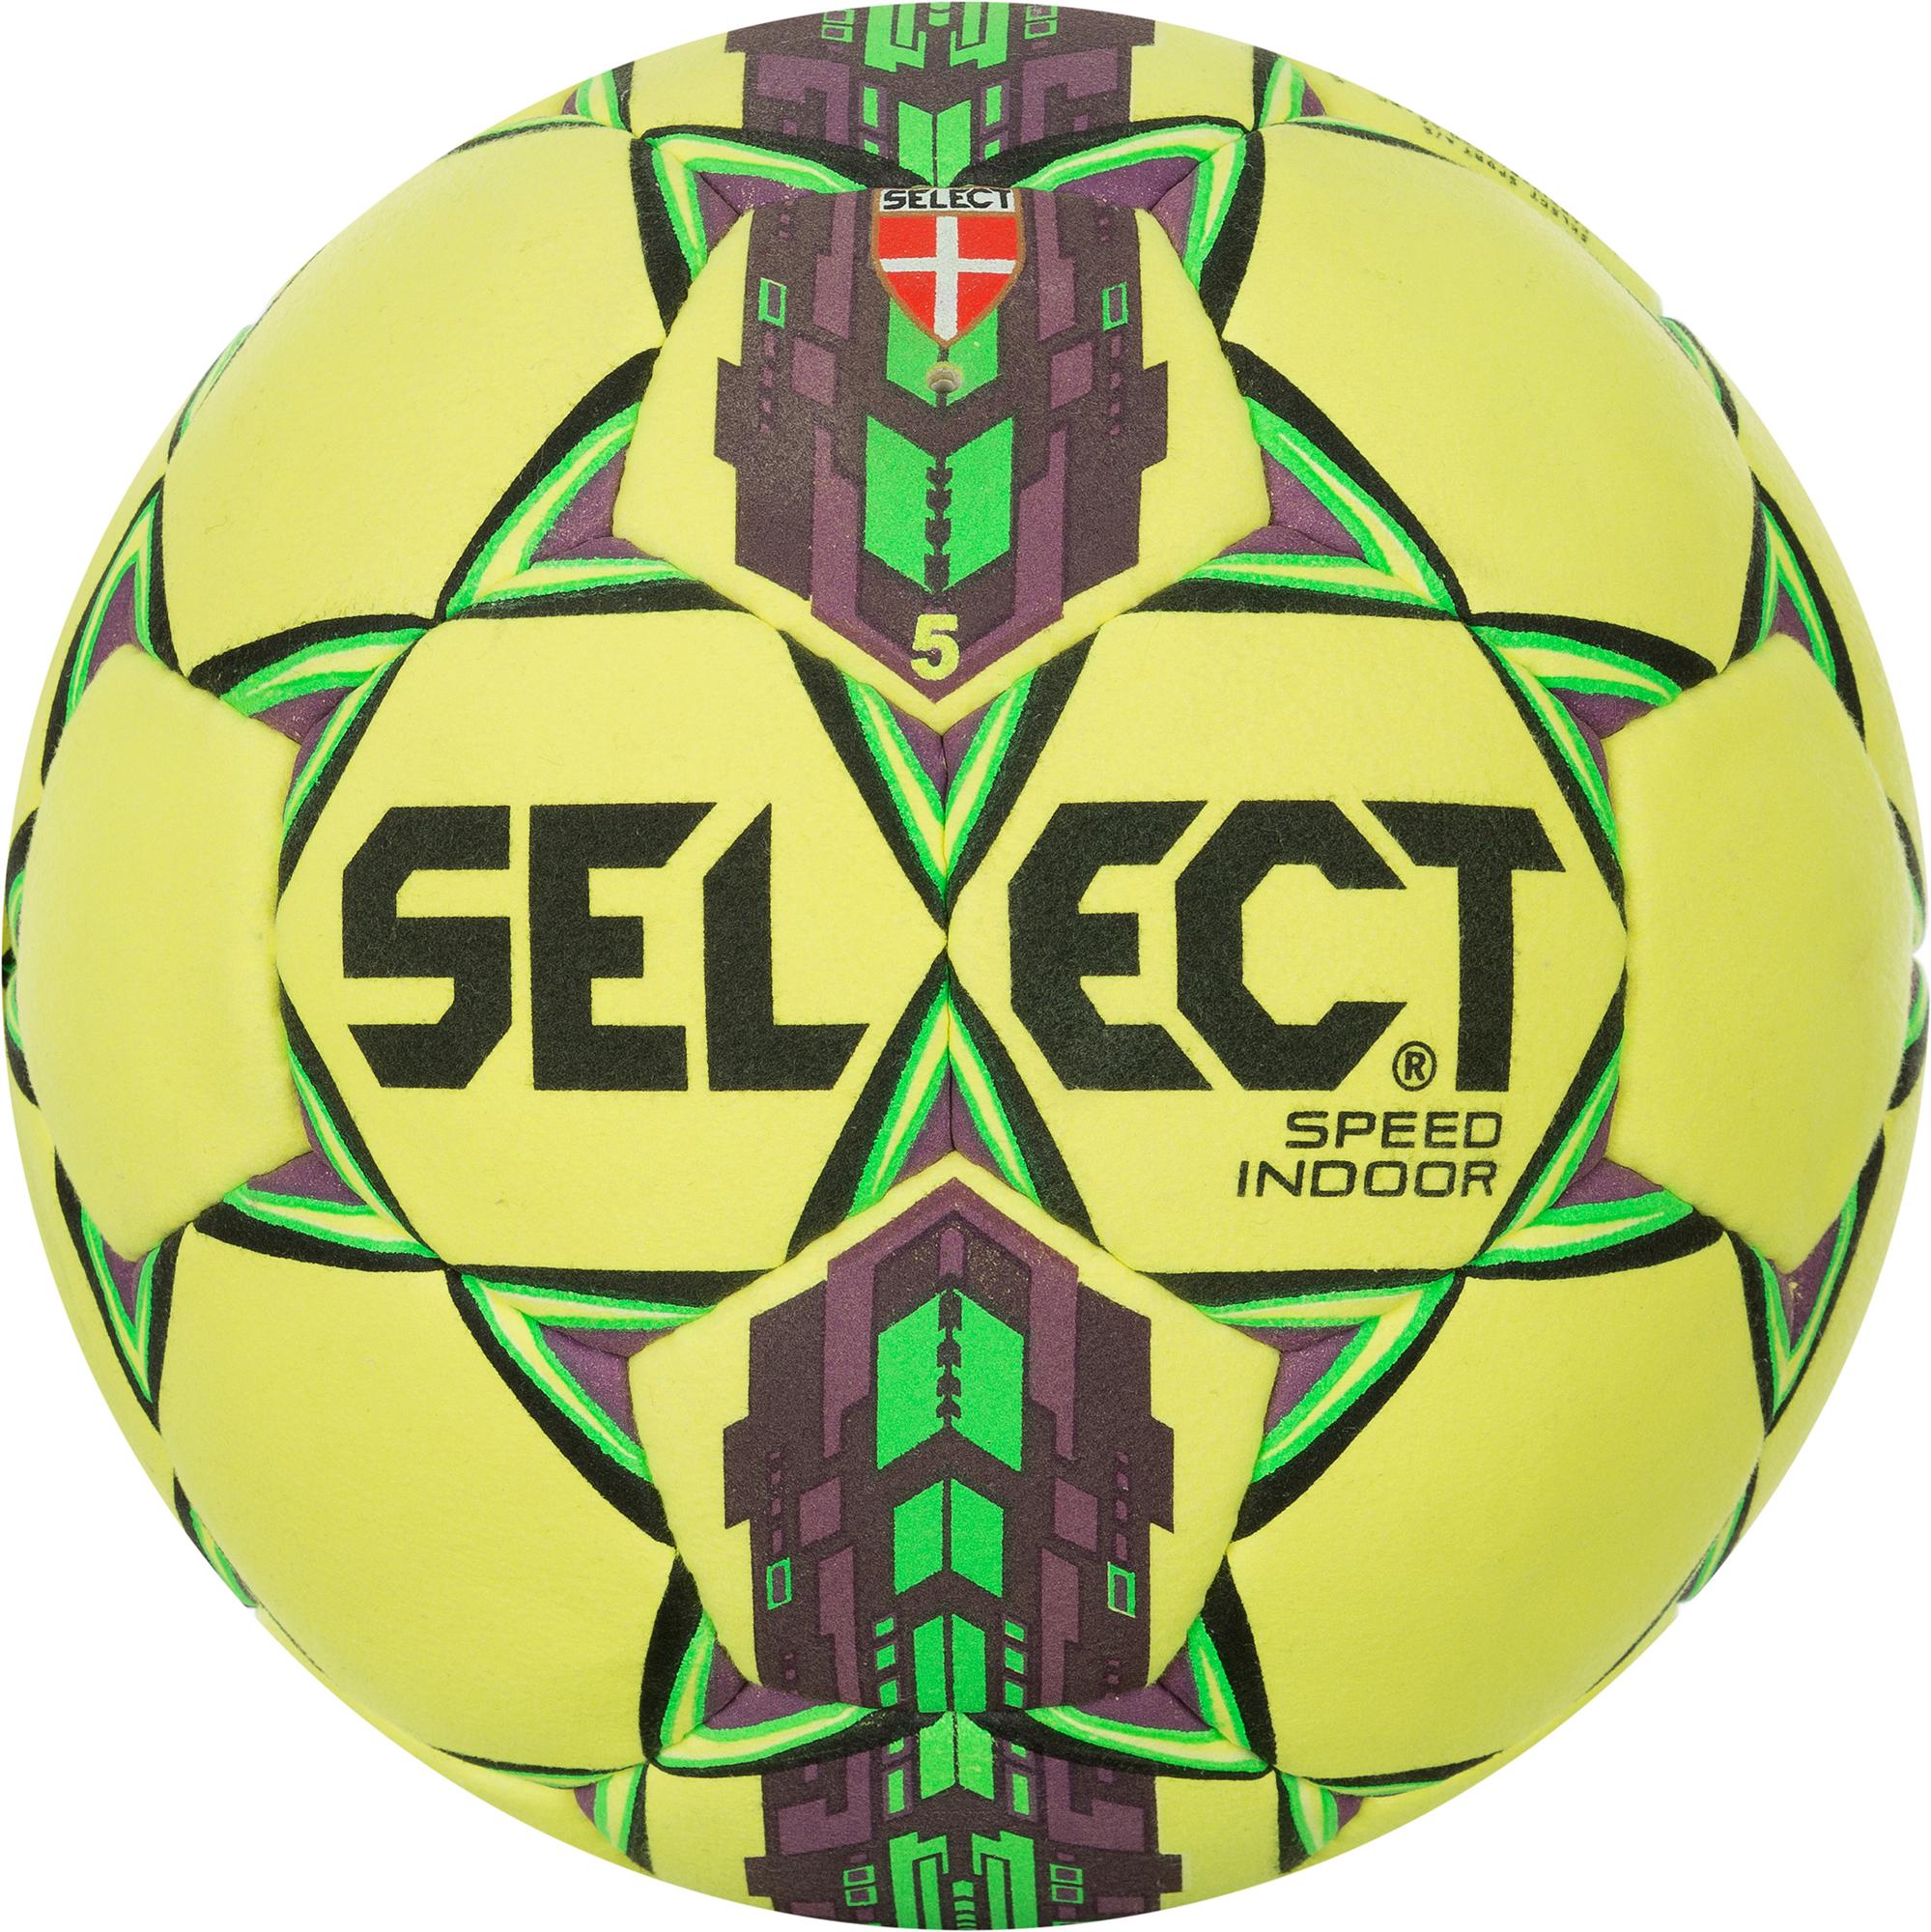 Select Мяч футбольный SPEED INDOOR